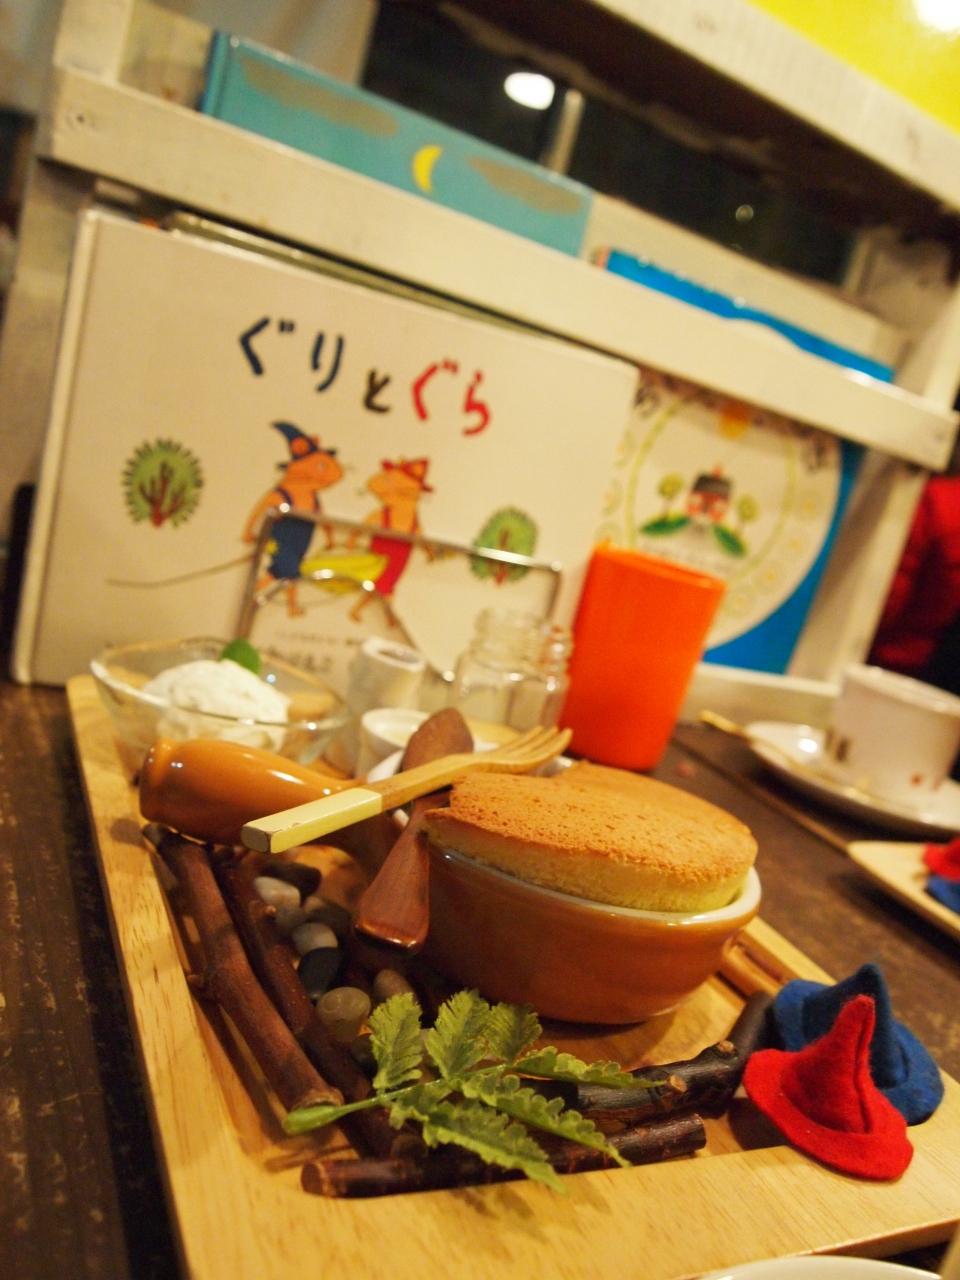 ぐりとぐらのホットケーキ(カステラ)を食べに絵本カフェへ